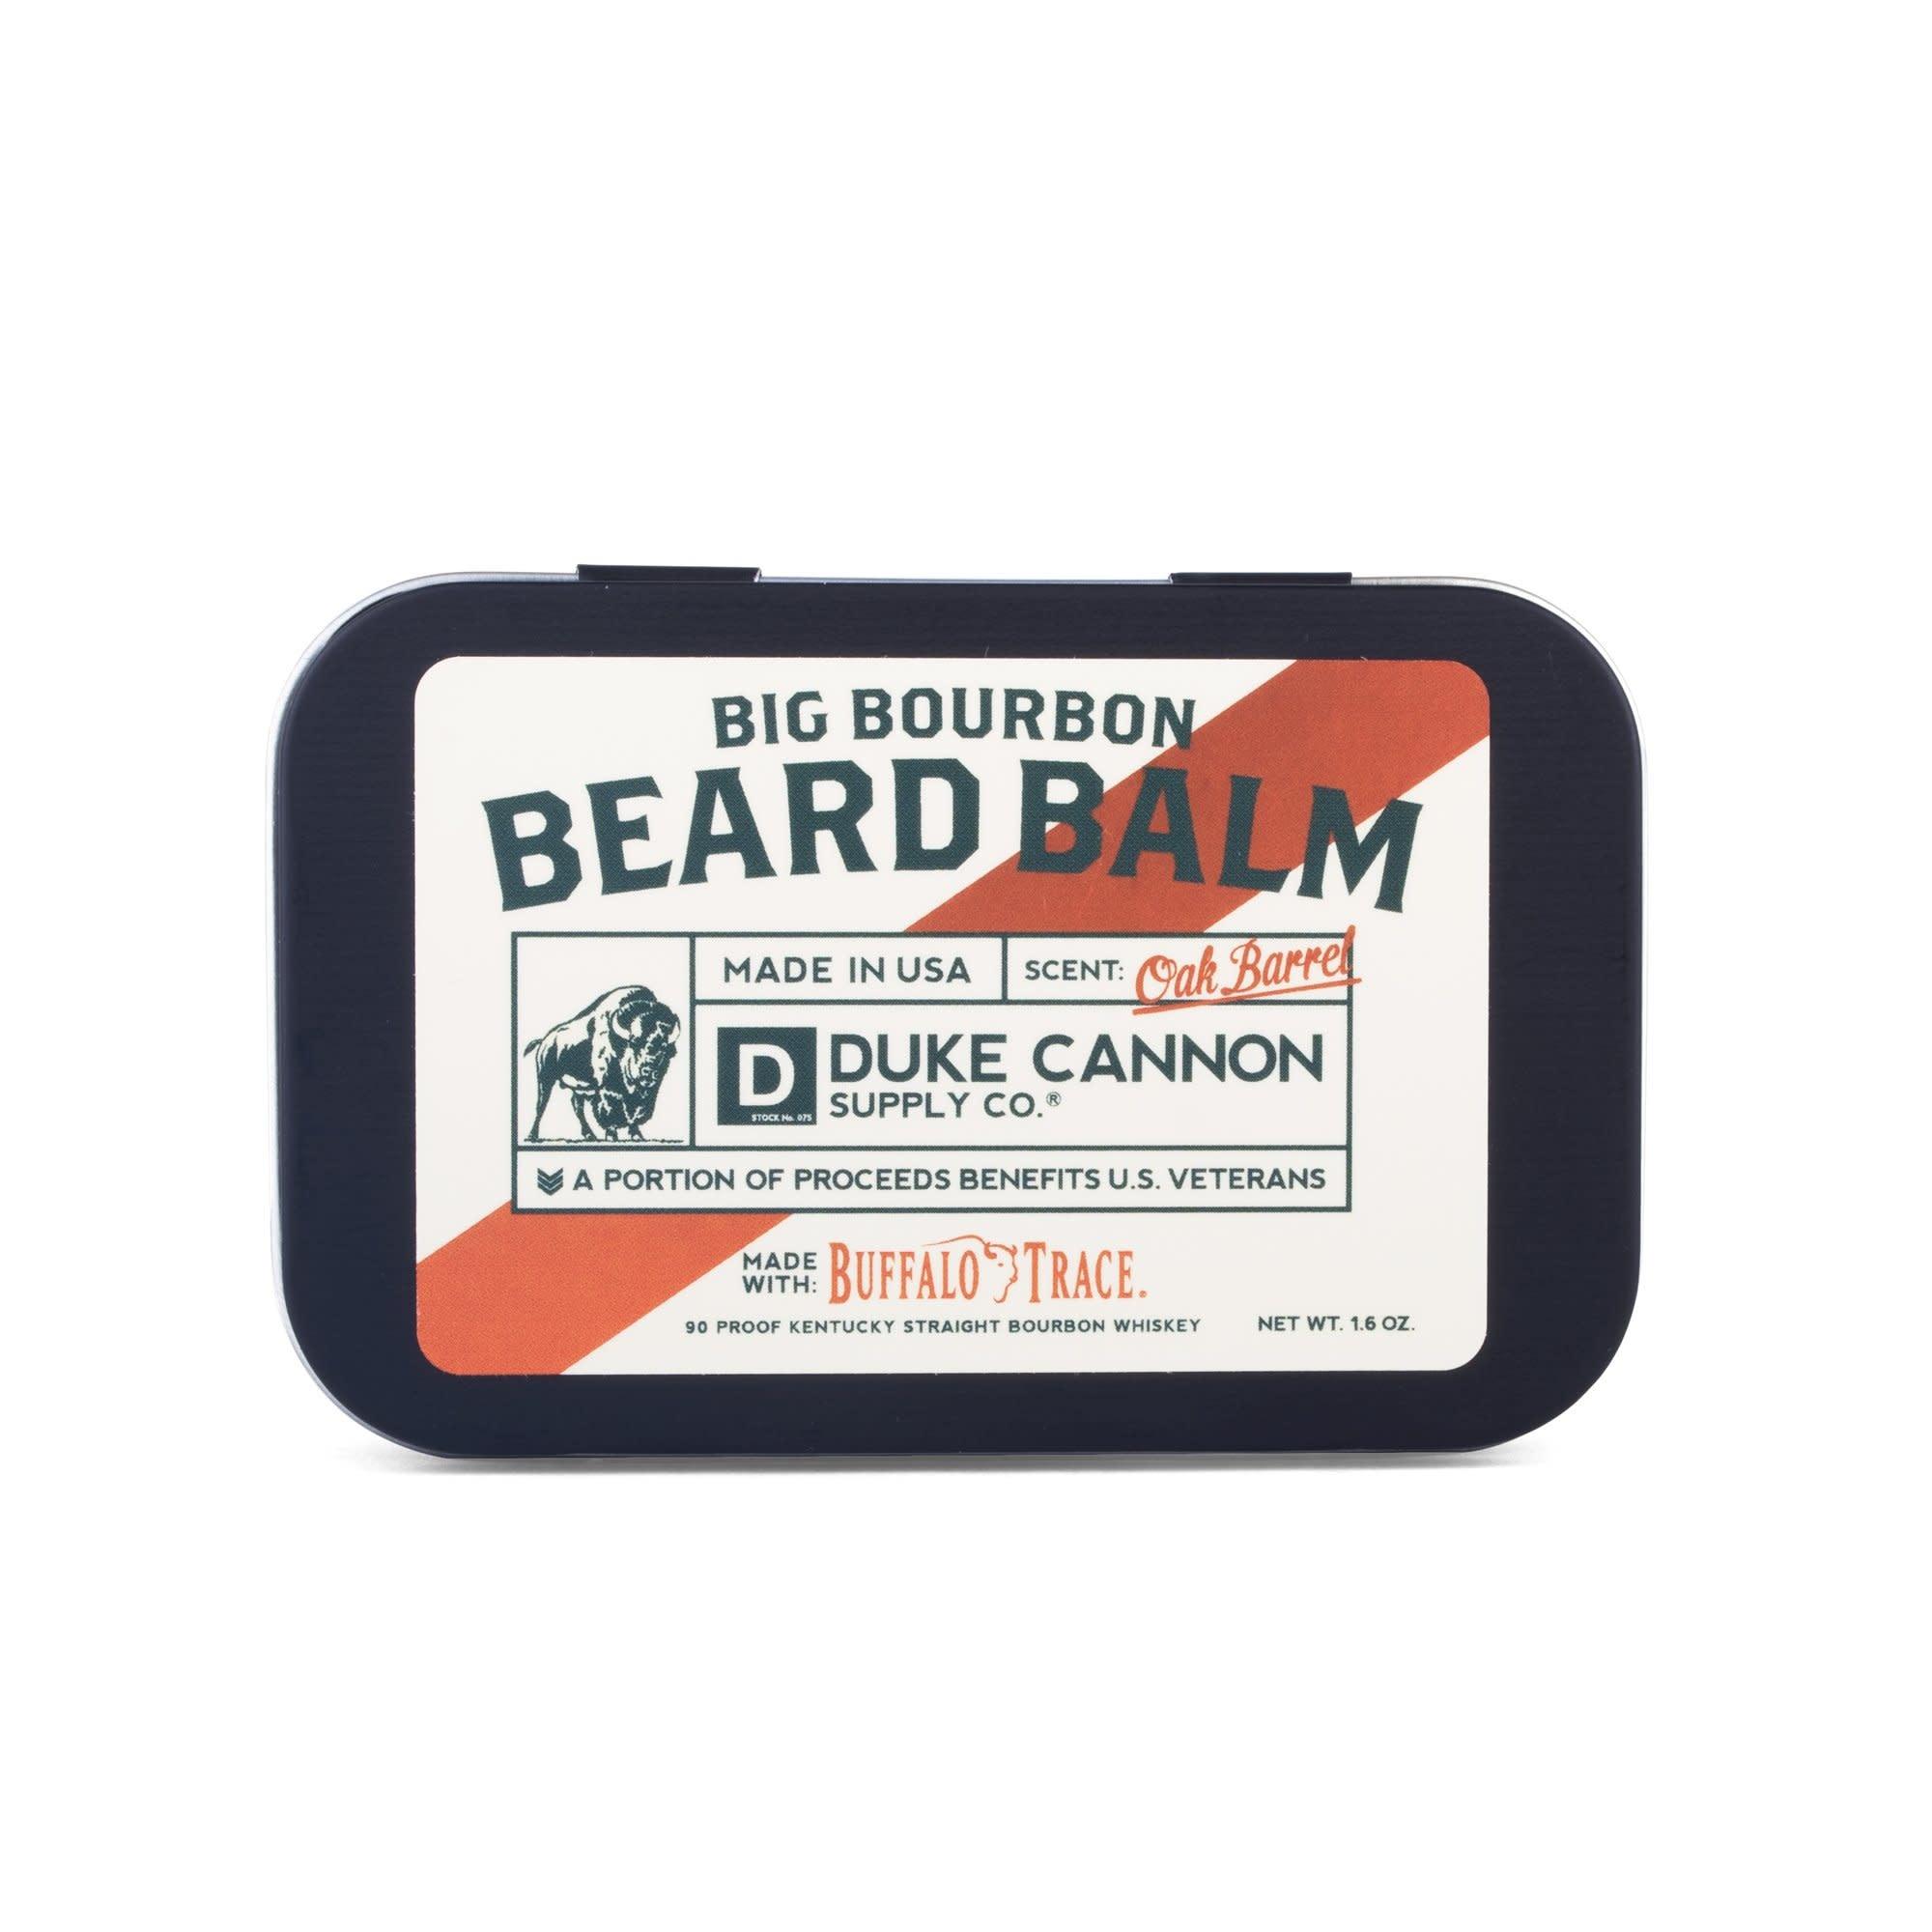 BUFFALO TRACE BOURBON BEARD BALM